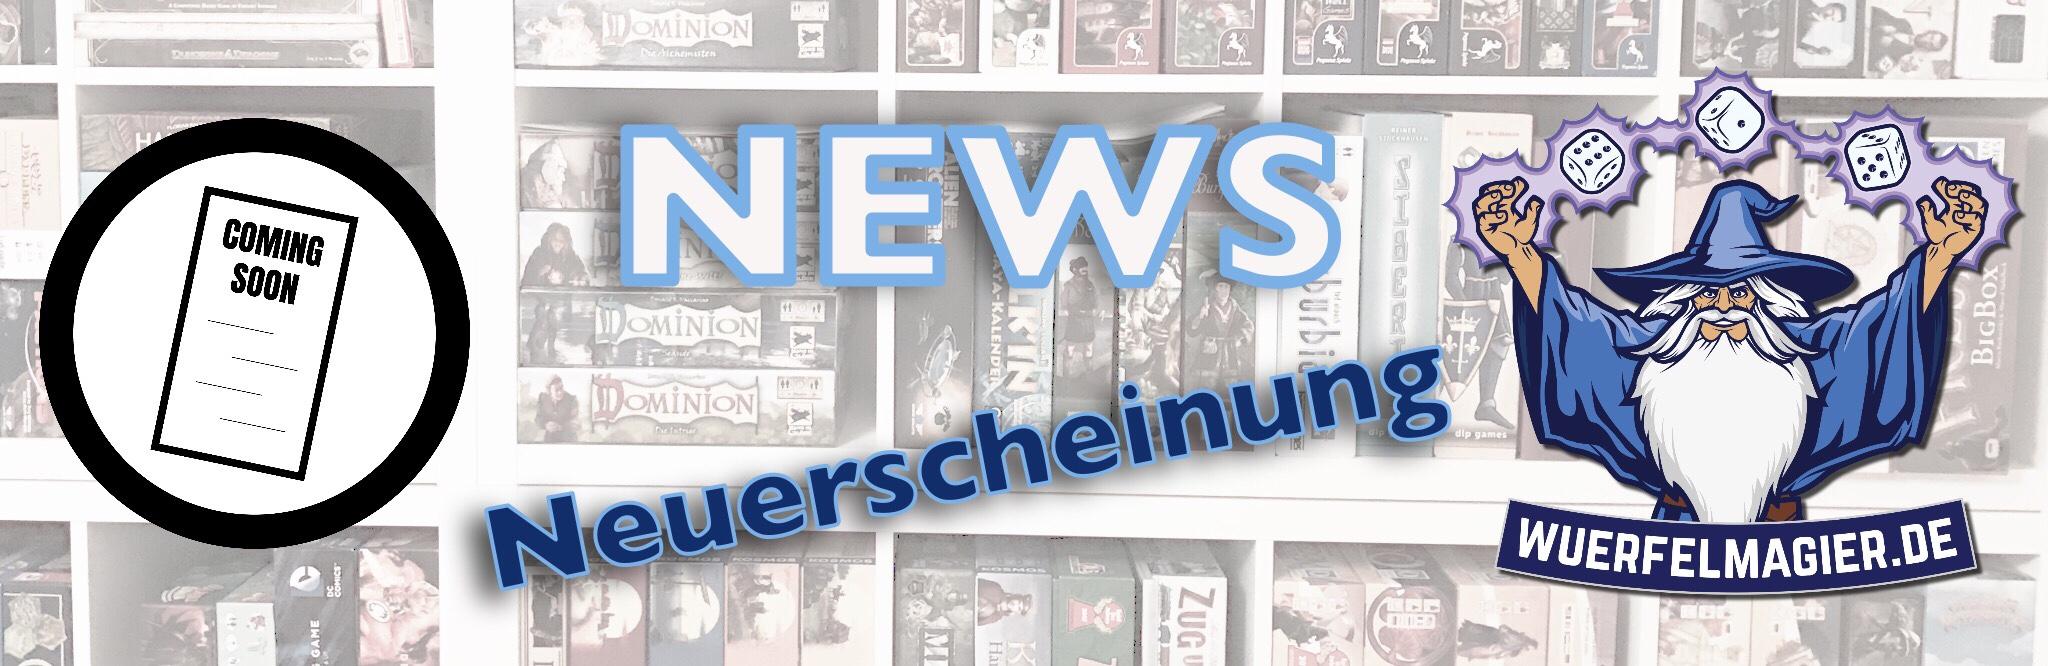 News Neuerscheinung Würfelmagier Brettspiel Blog